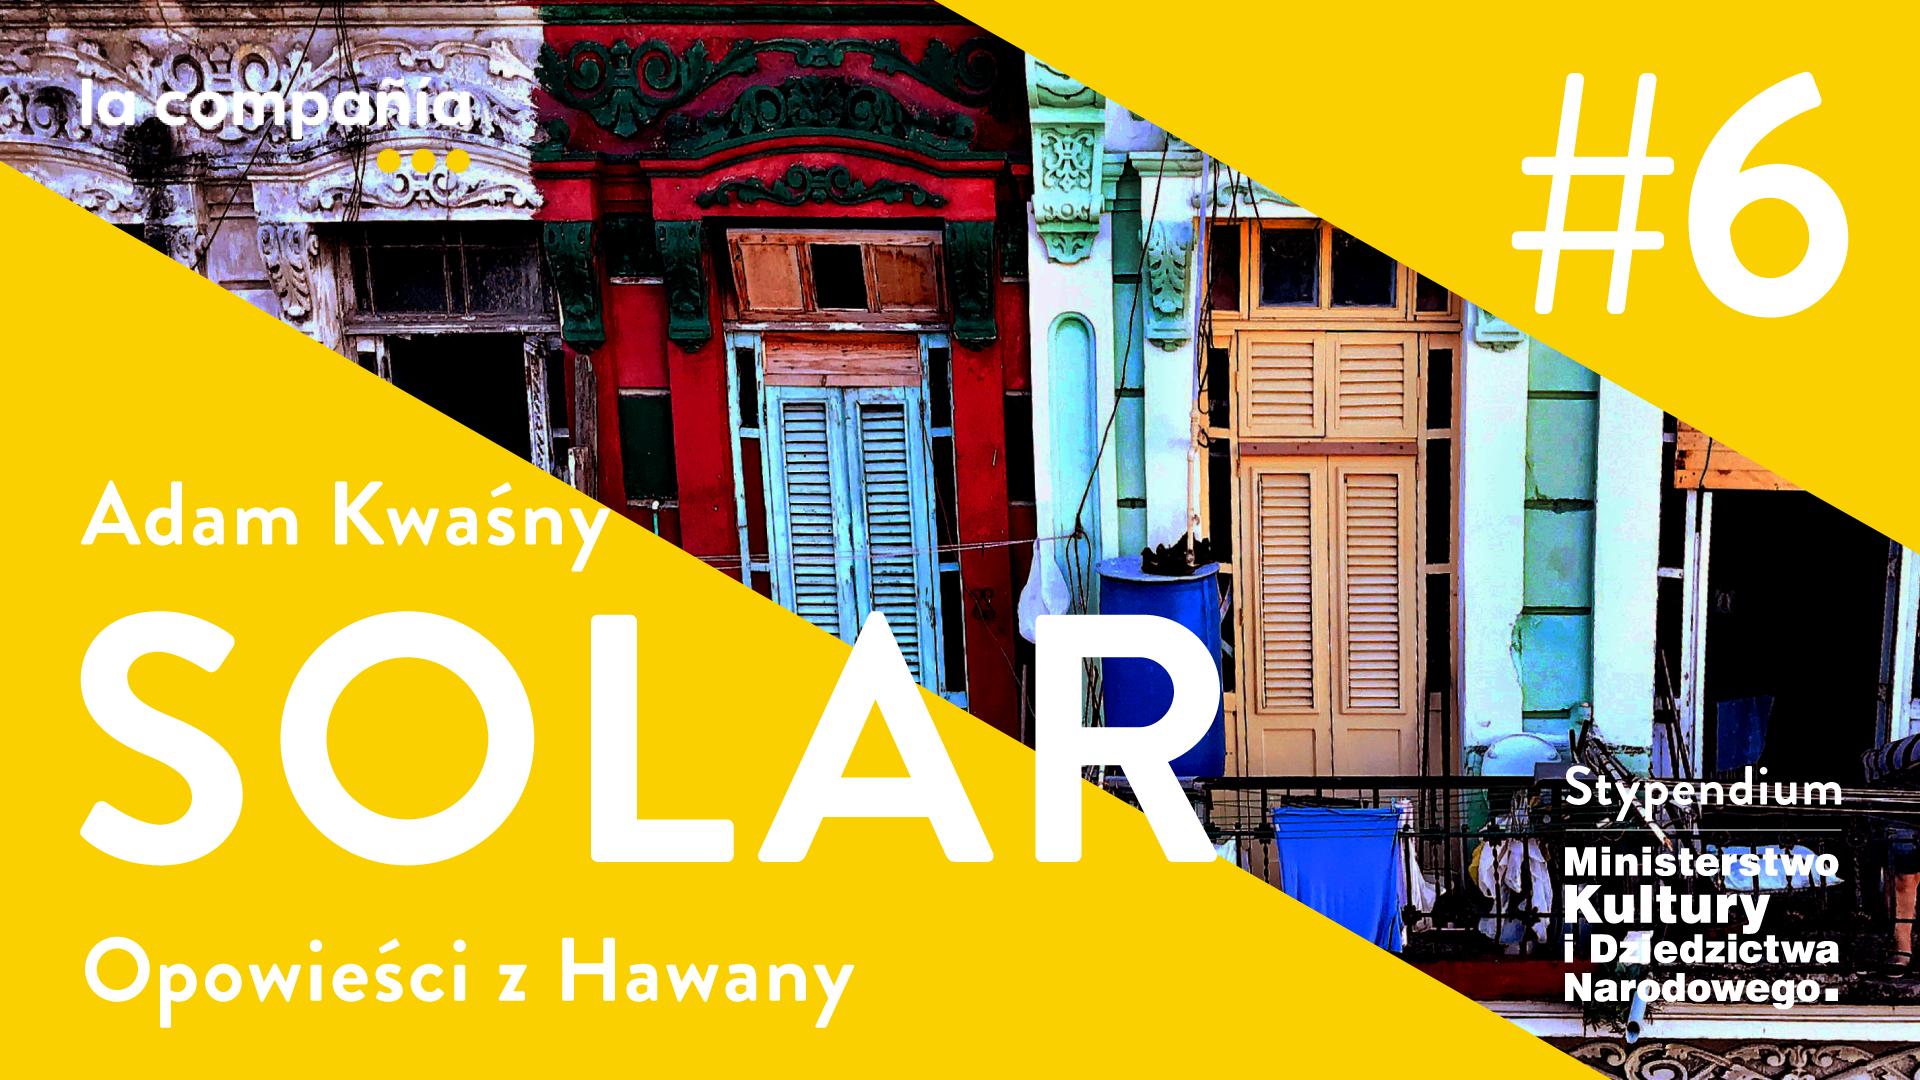 SOLAR Opowieści z Hawany. Rozdział 6